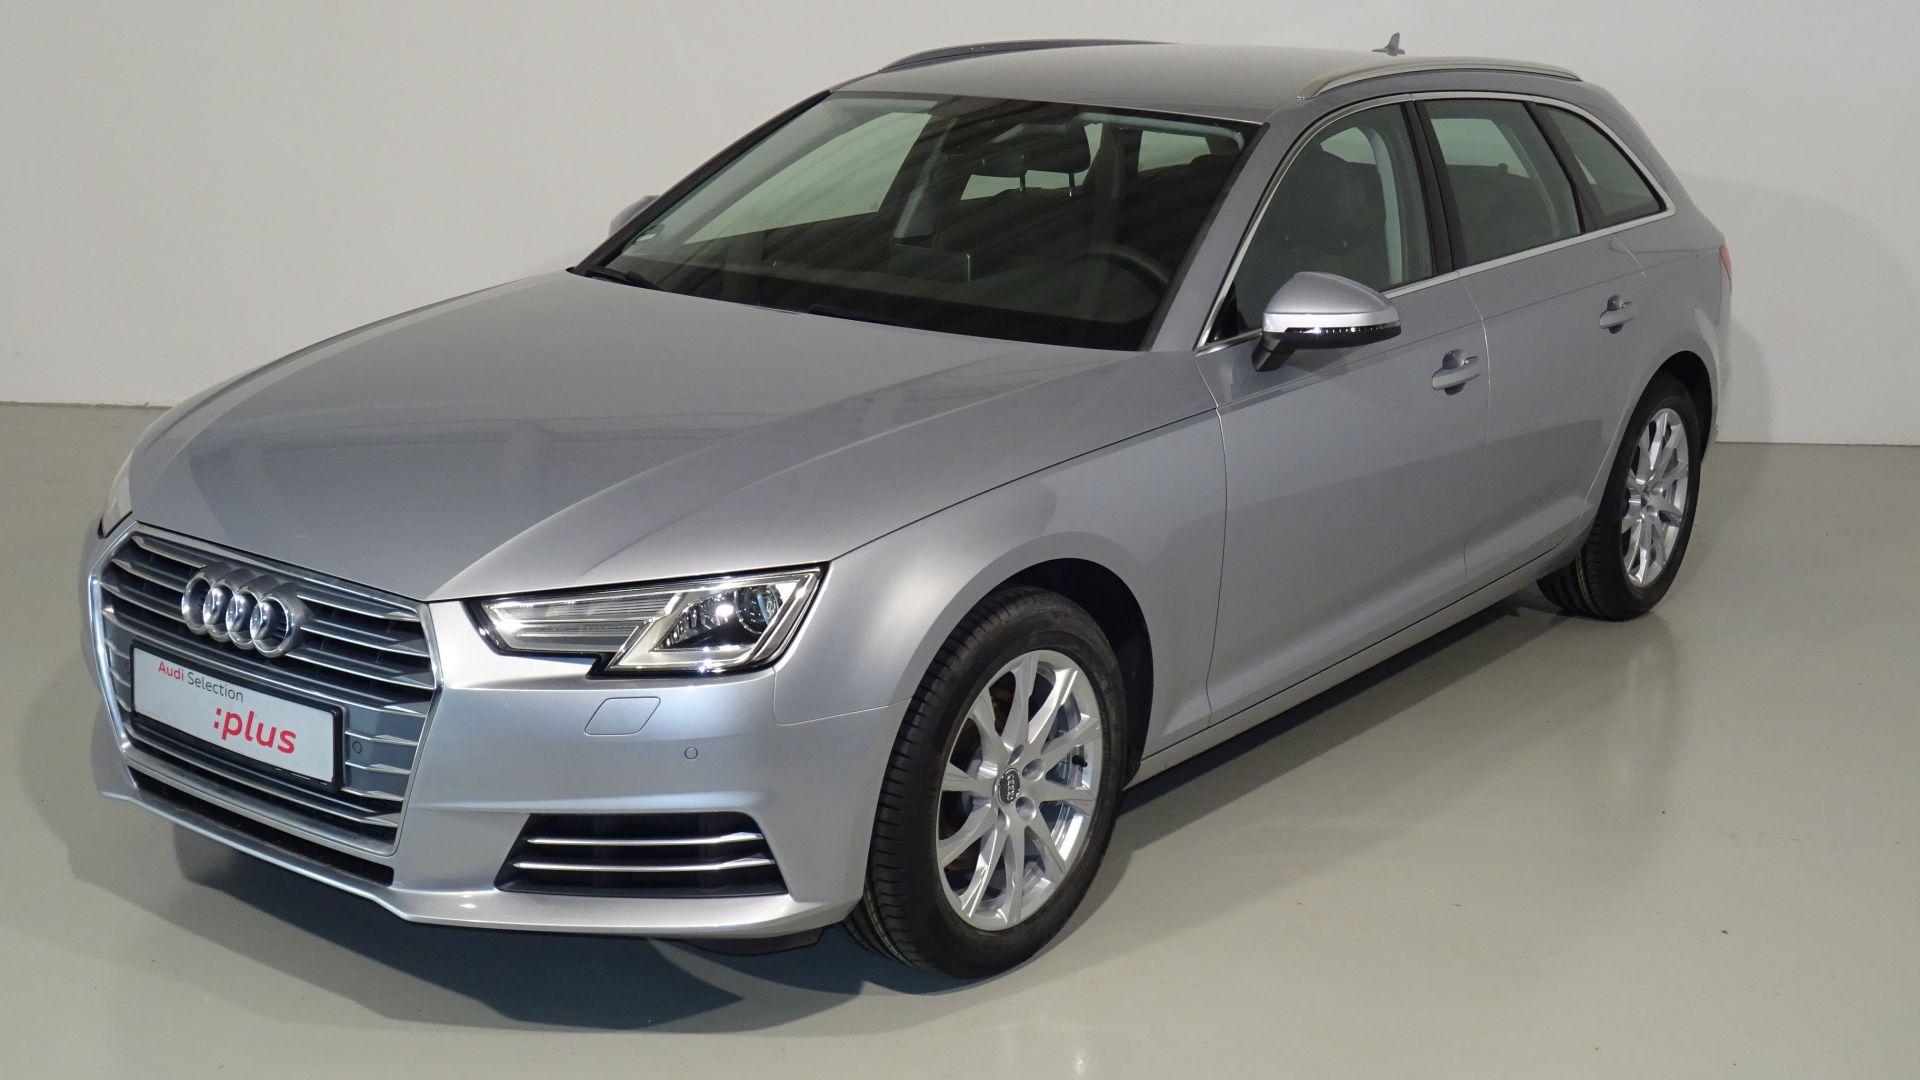 Audi A4 1.4 TFSI 110kW (150CV) Avant